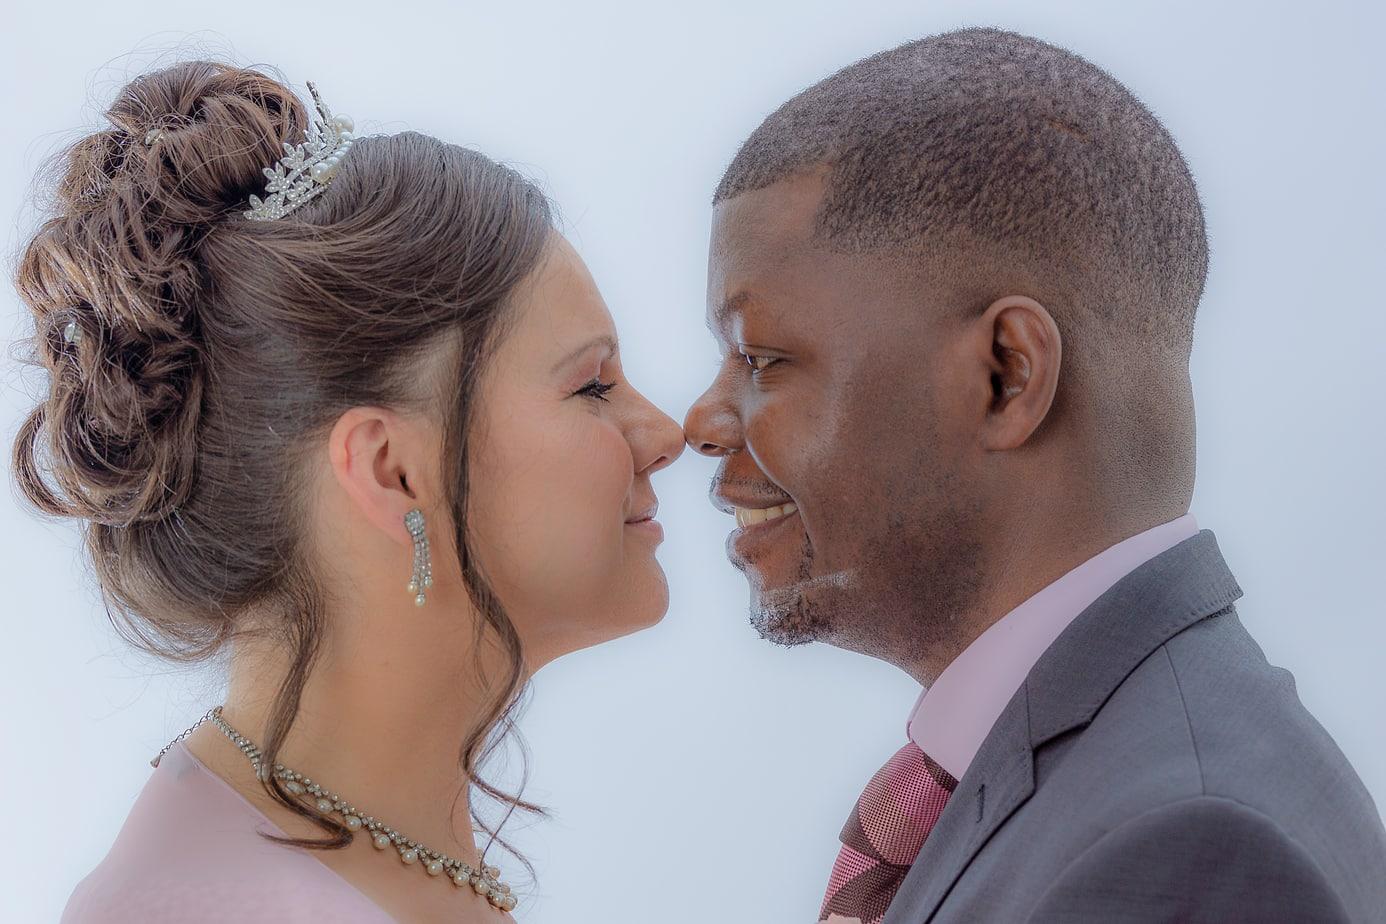 Hochzeitsfoto im Studio mit zarter Nachbearbeitung